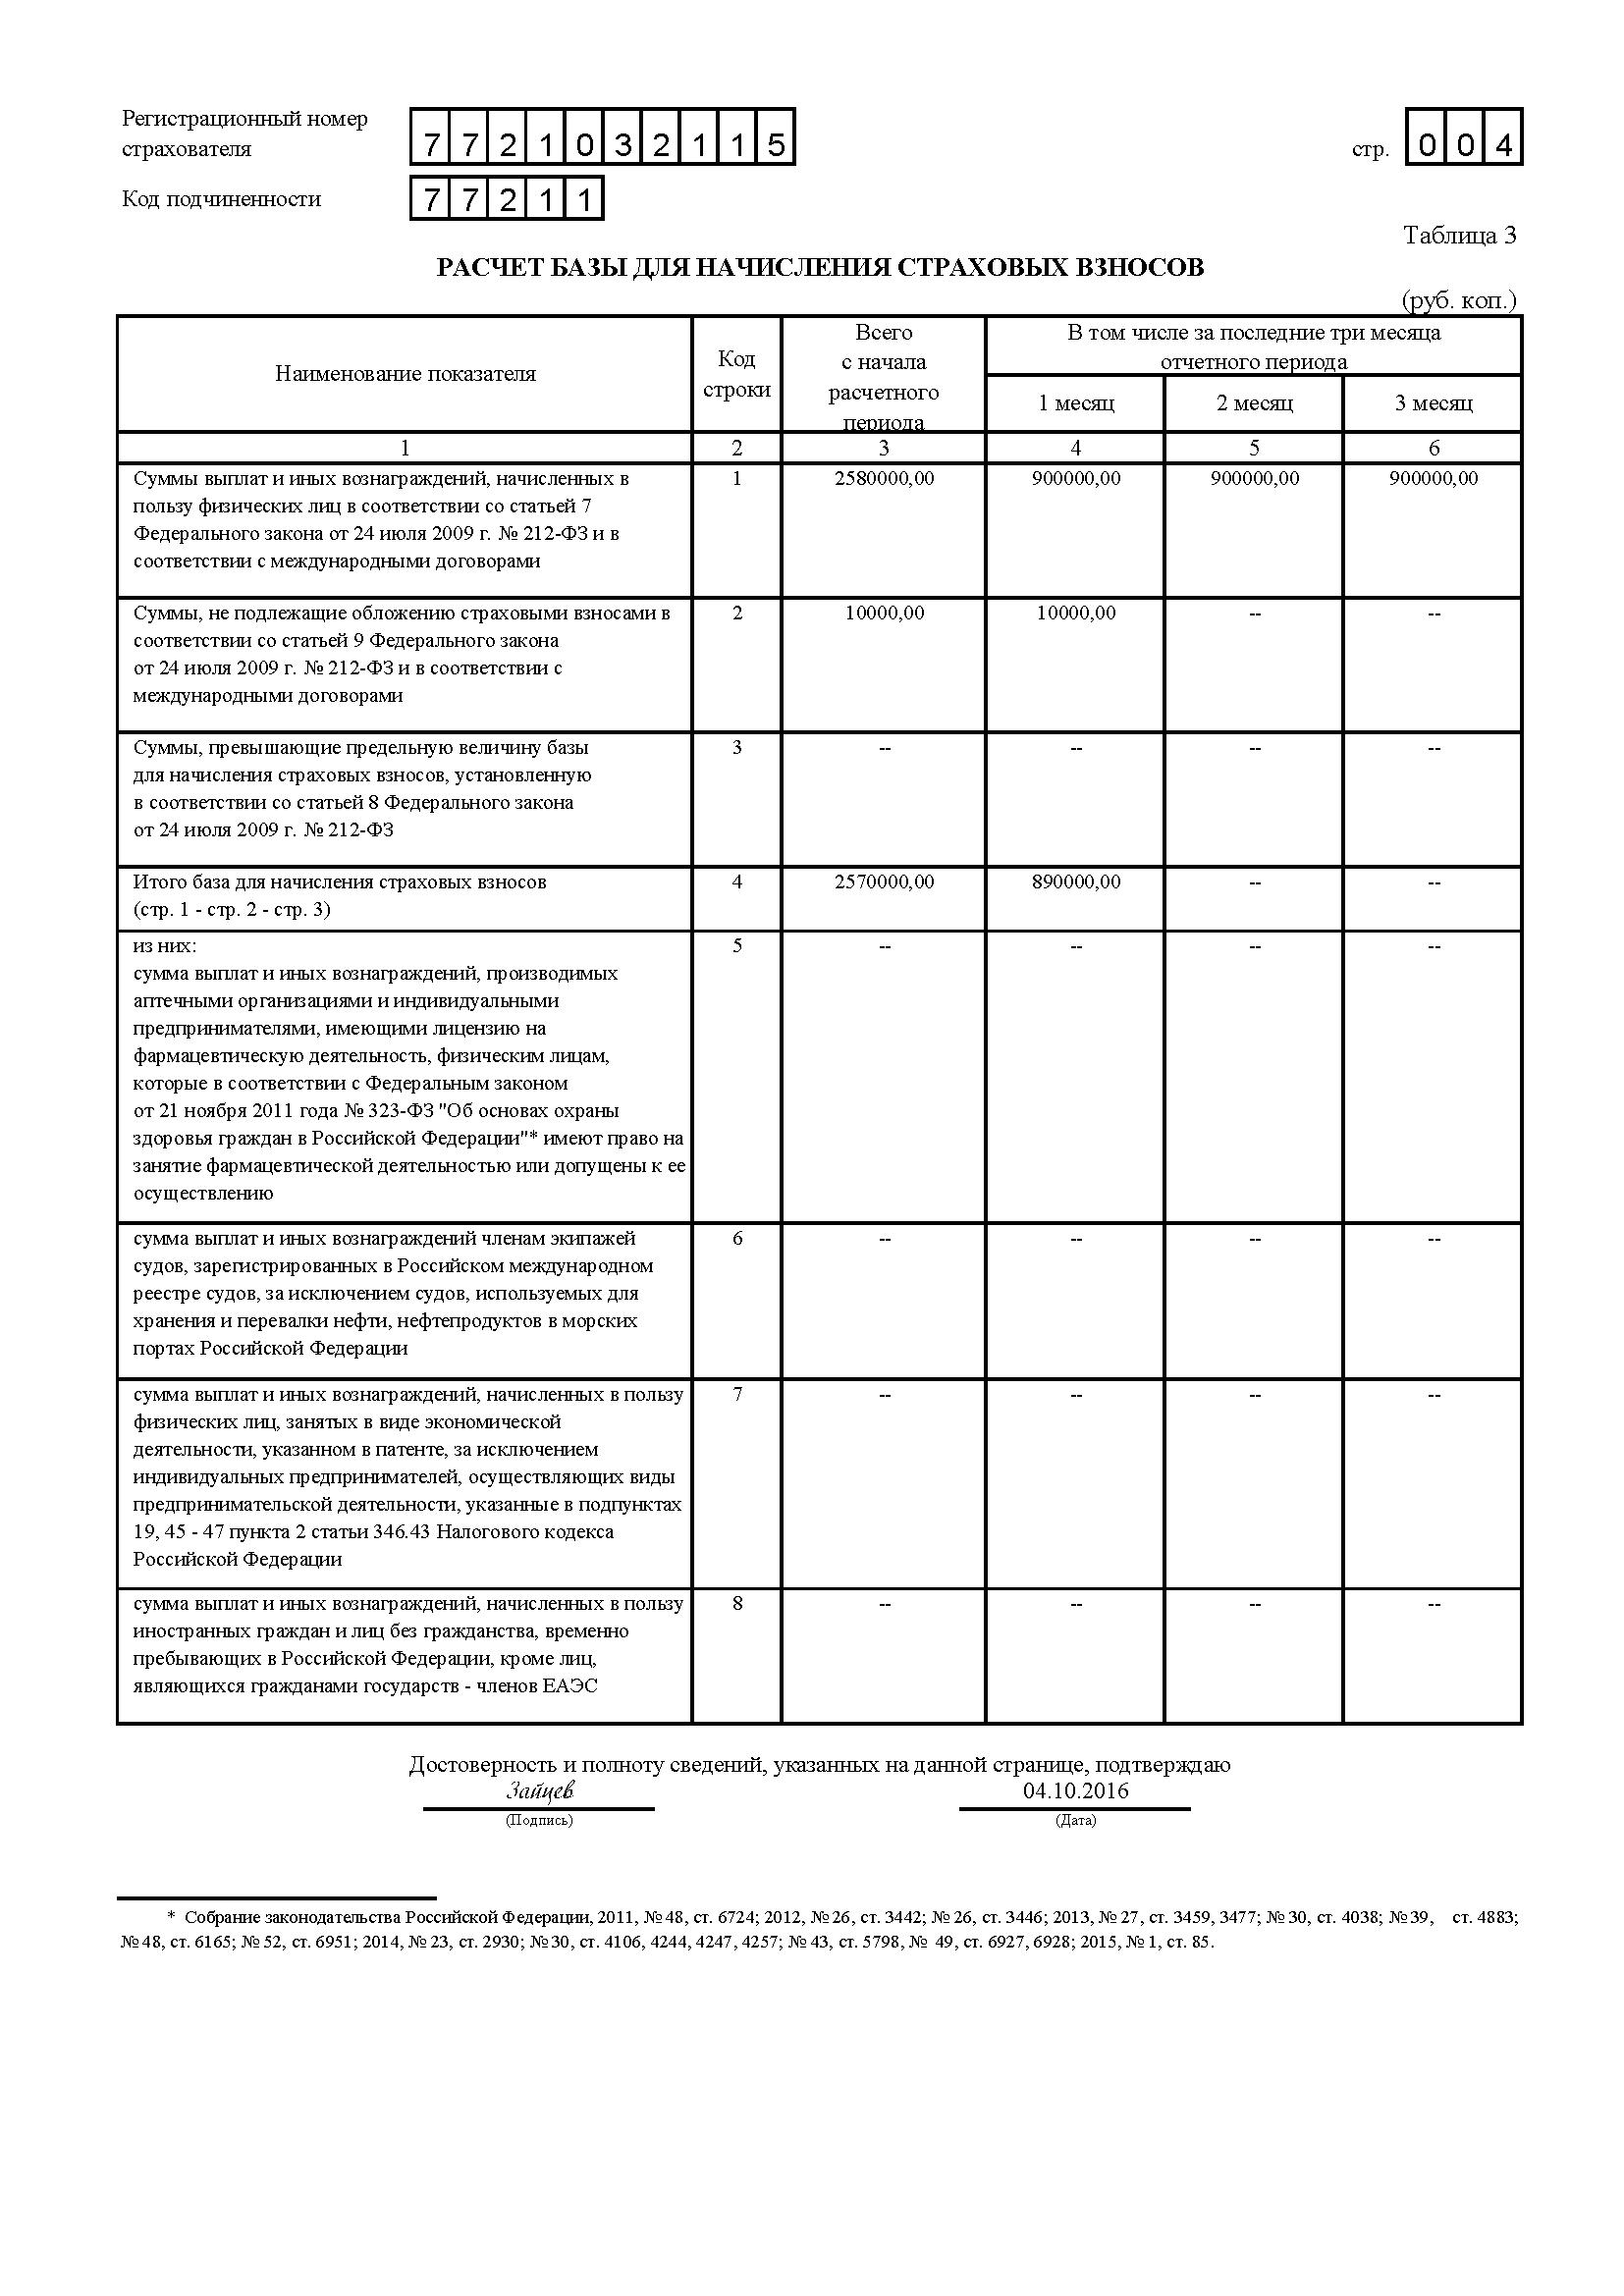 отчет в налоговую неприбыльная организация бланк